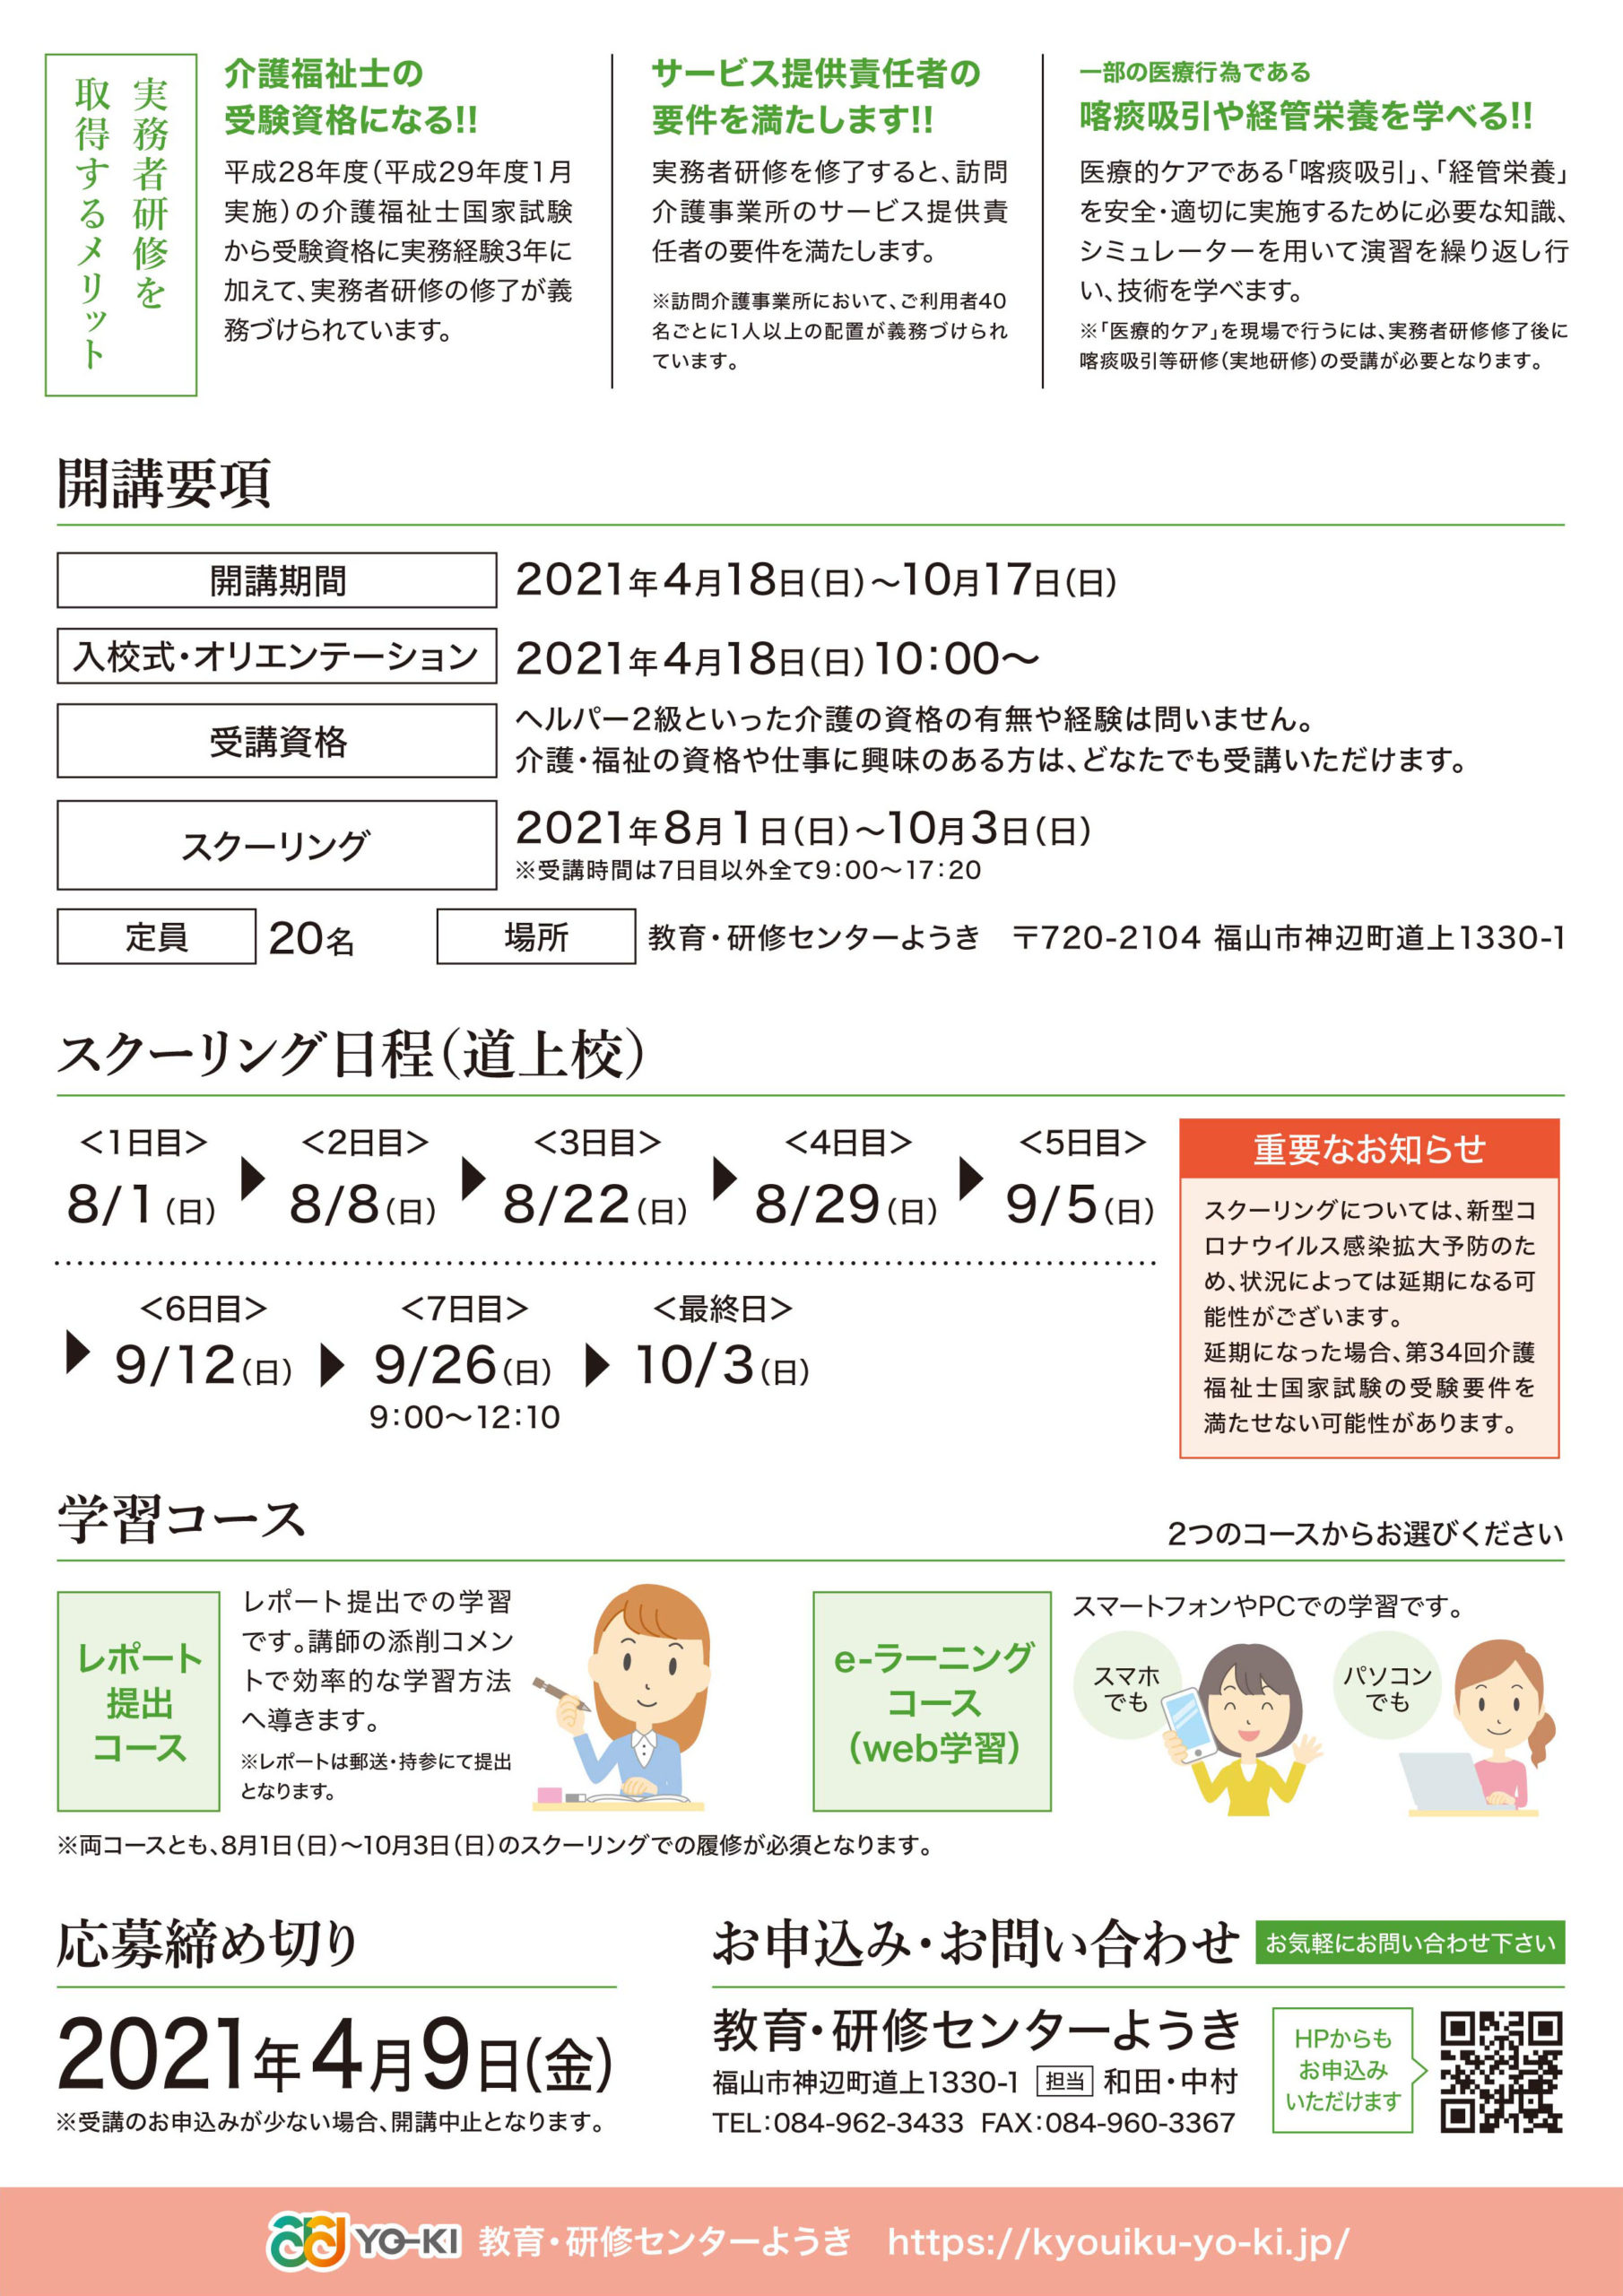 介護福祉士実務者研修-道上校(2021-04)-裏